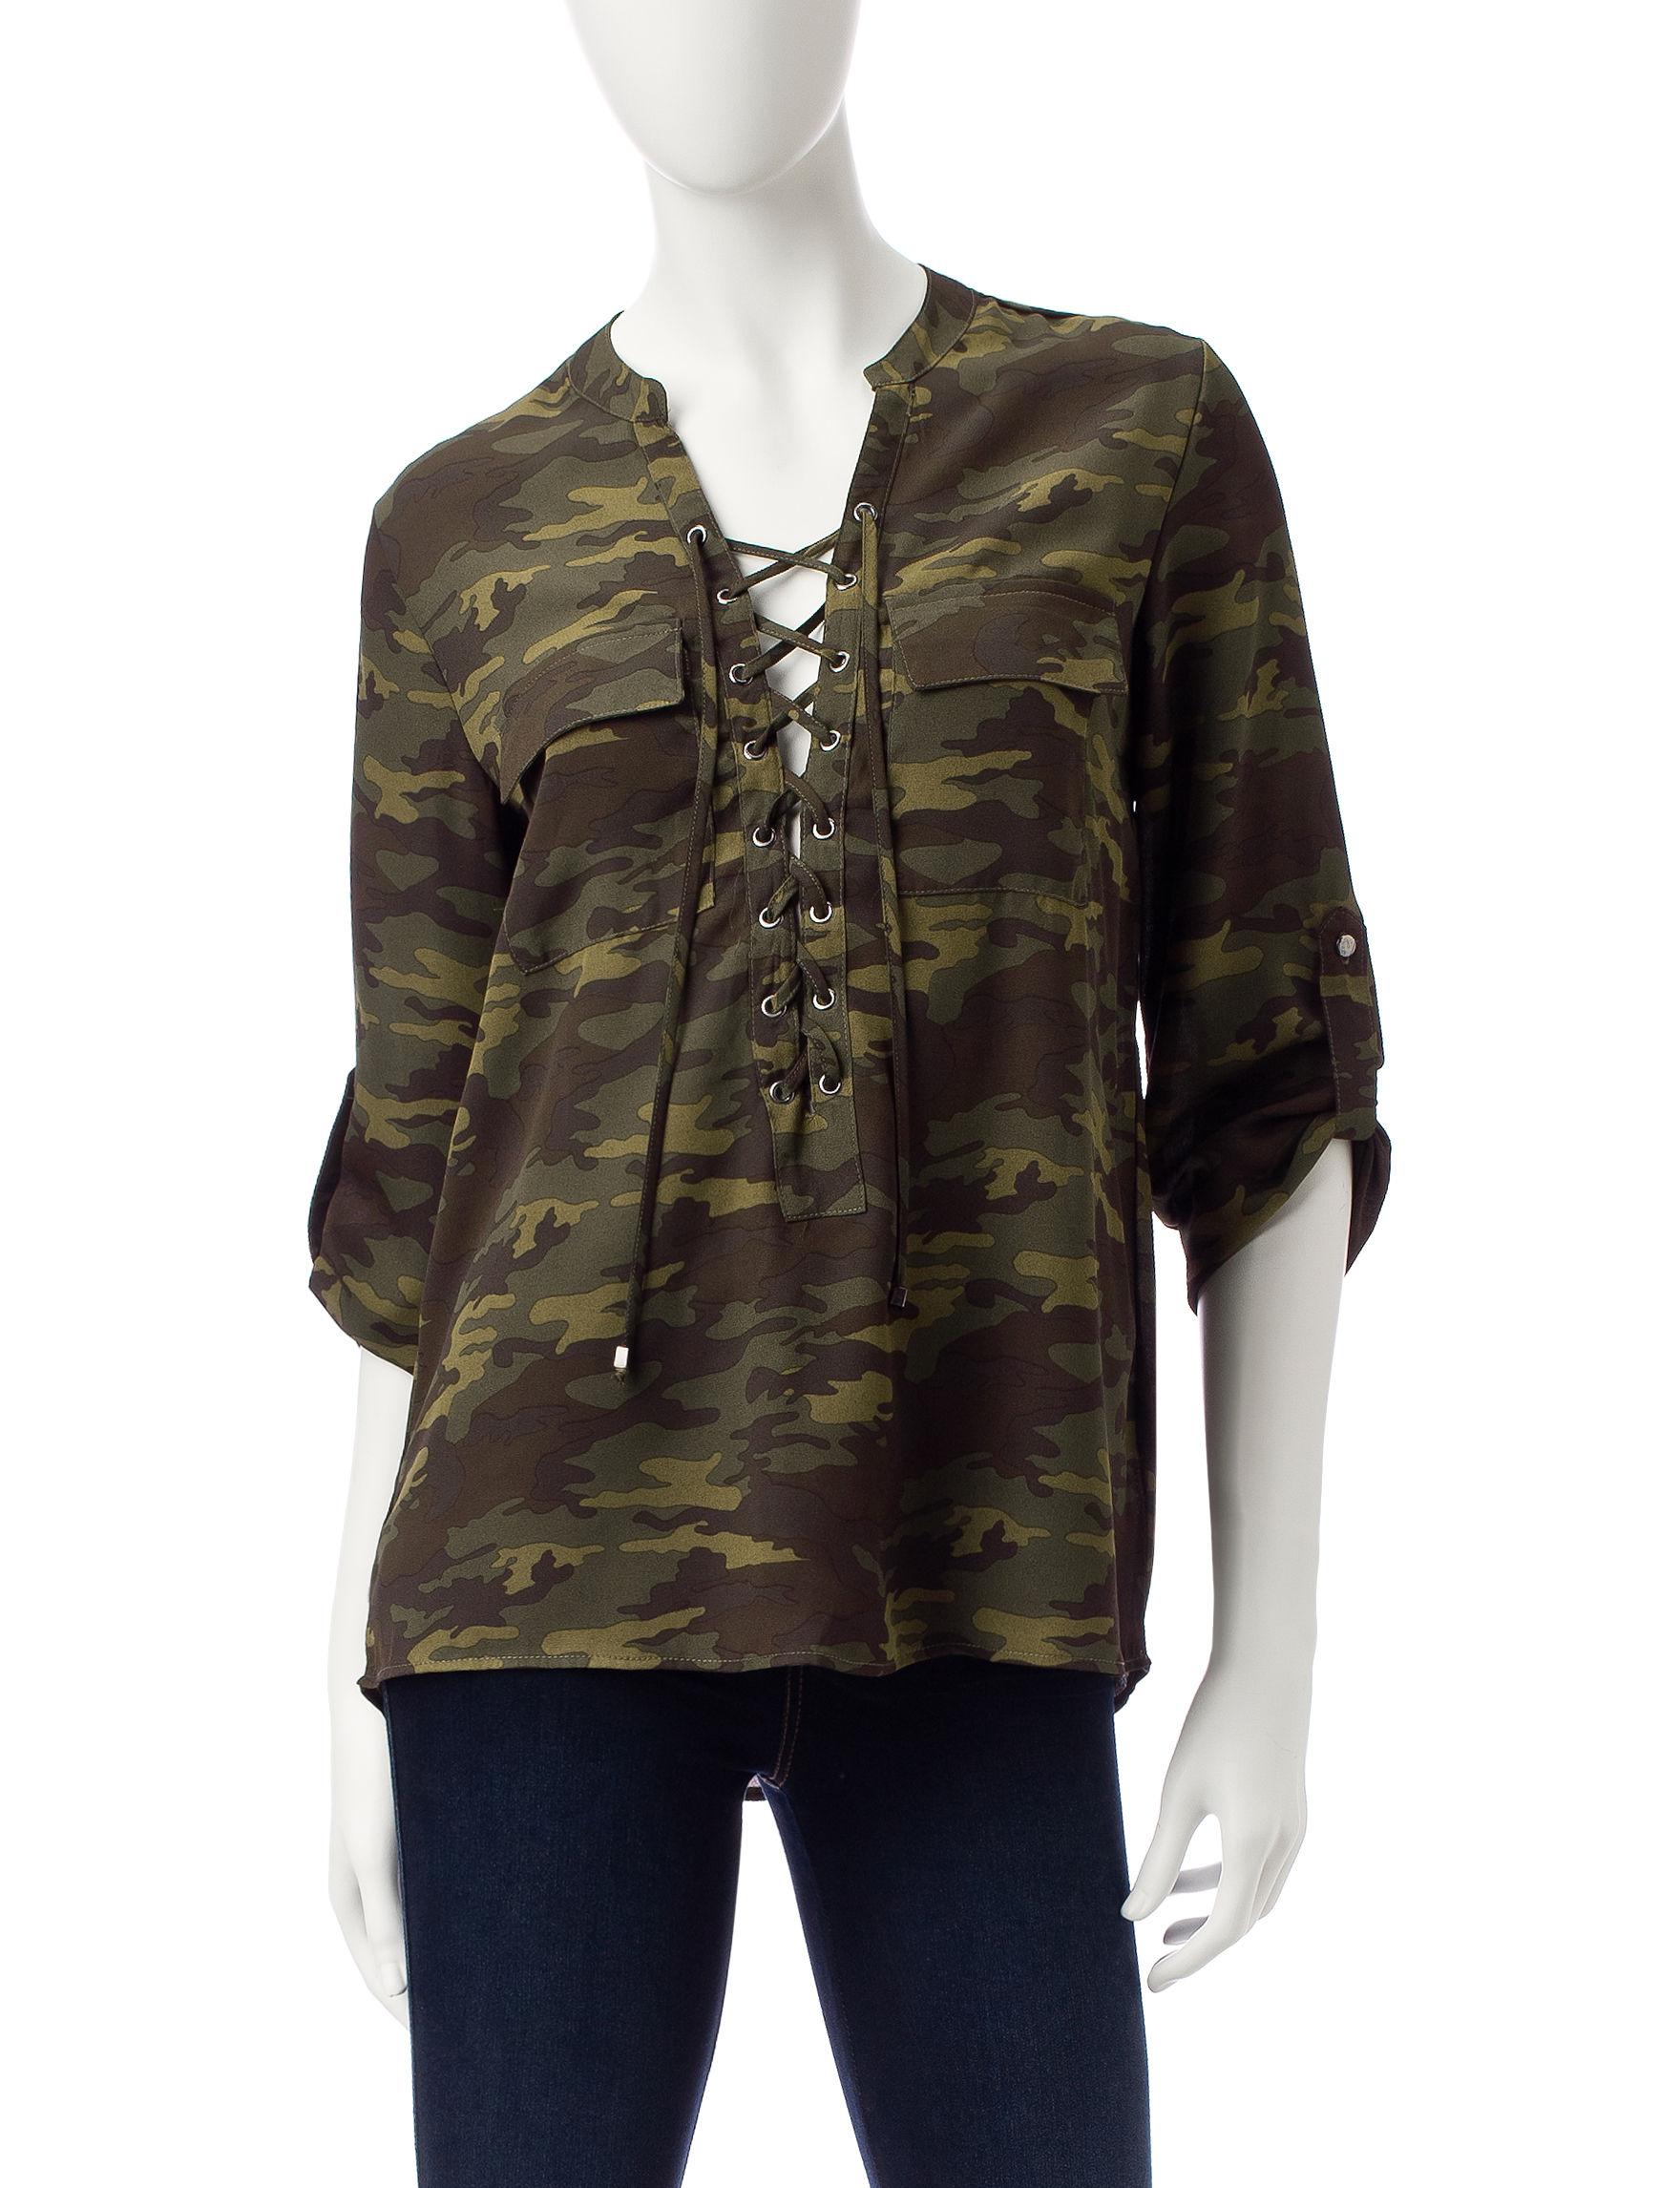 Wishful Park Olive Shirts & Blouses